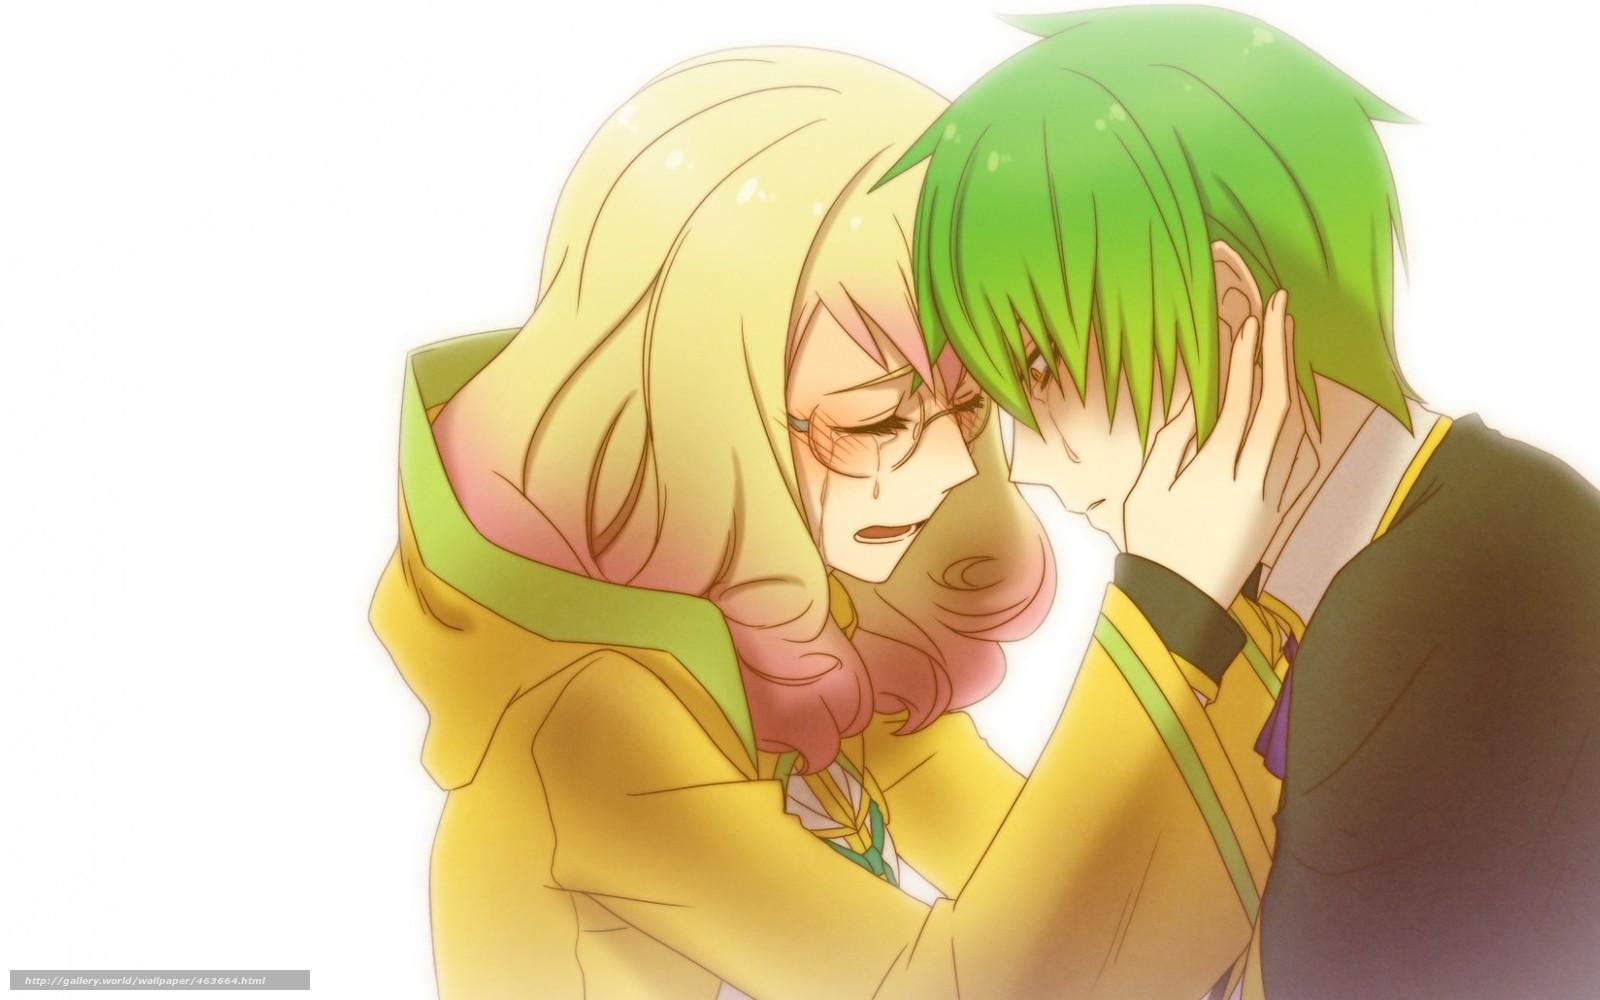 картинки бесплатно аниме любовь: